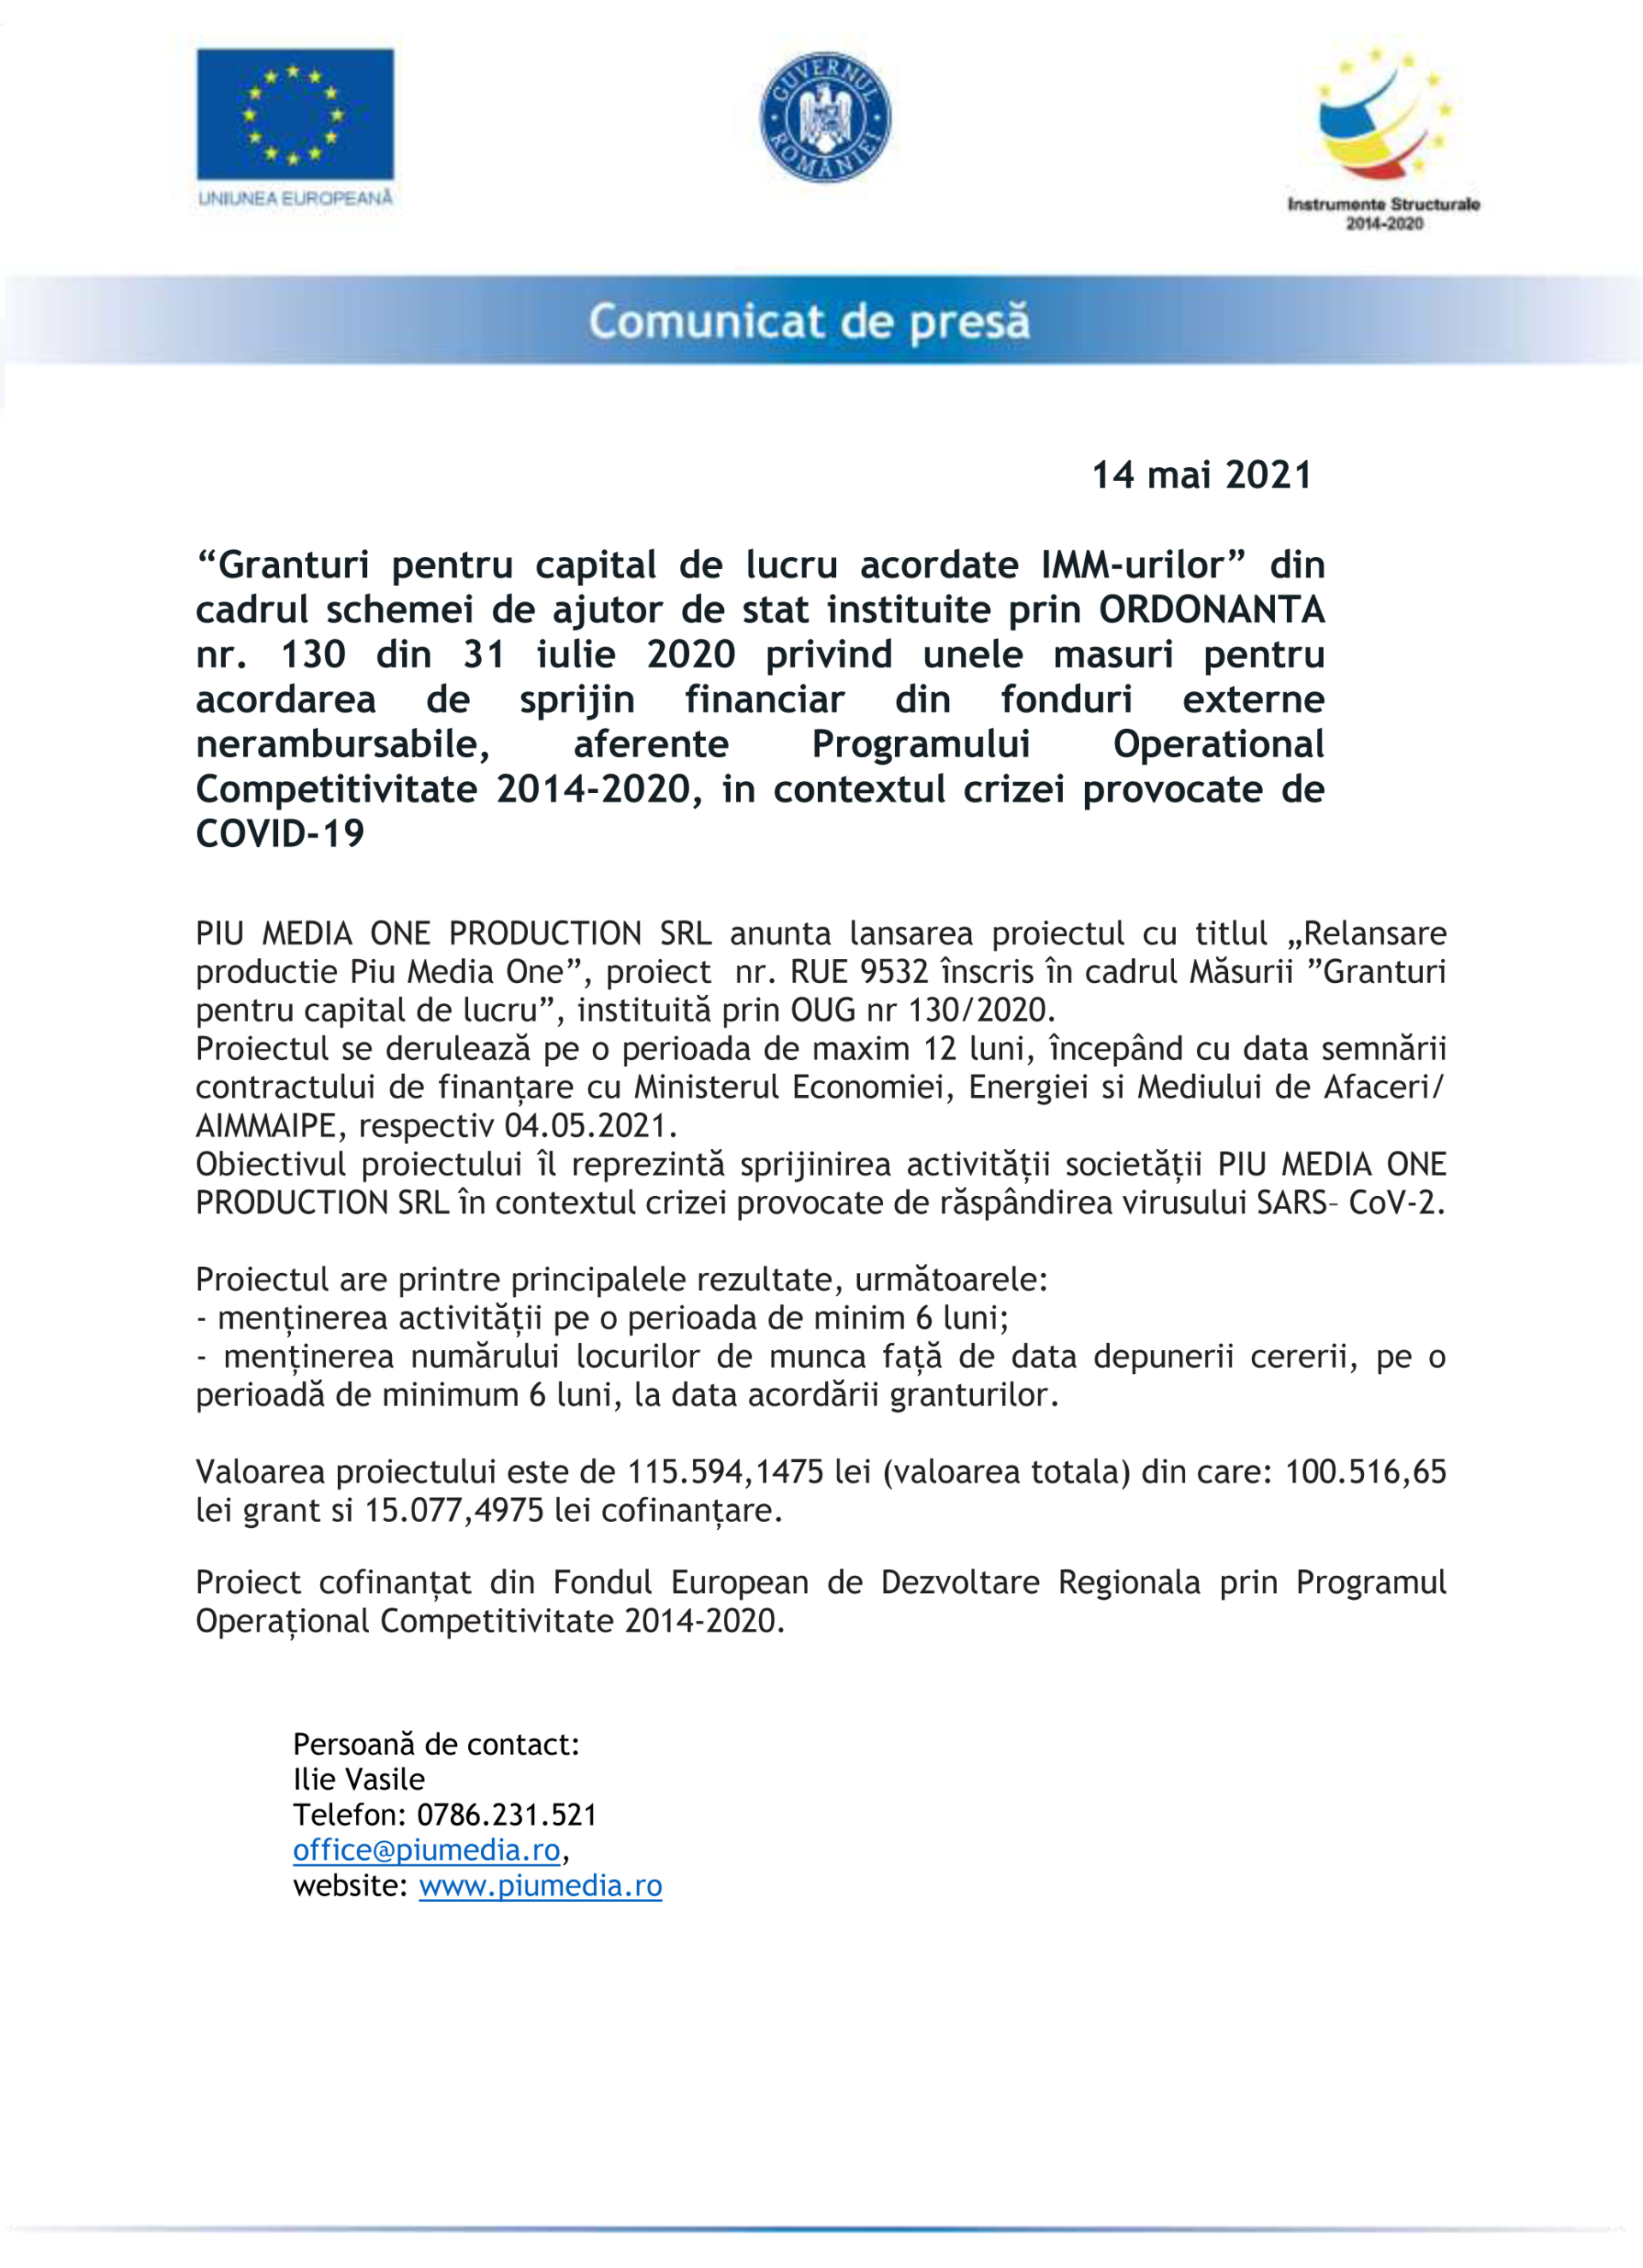 Comunicat-de-presa-PIU-MEDIA-ONE-PRODUCTION